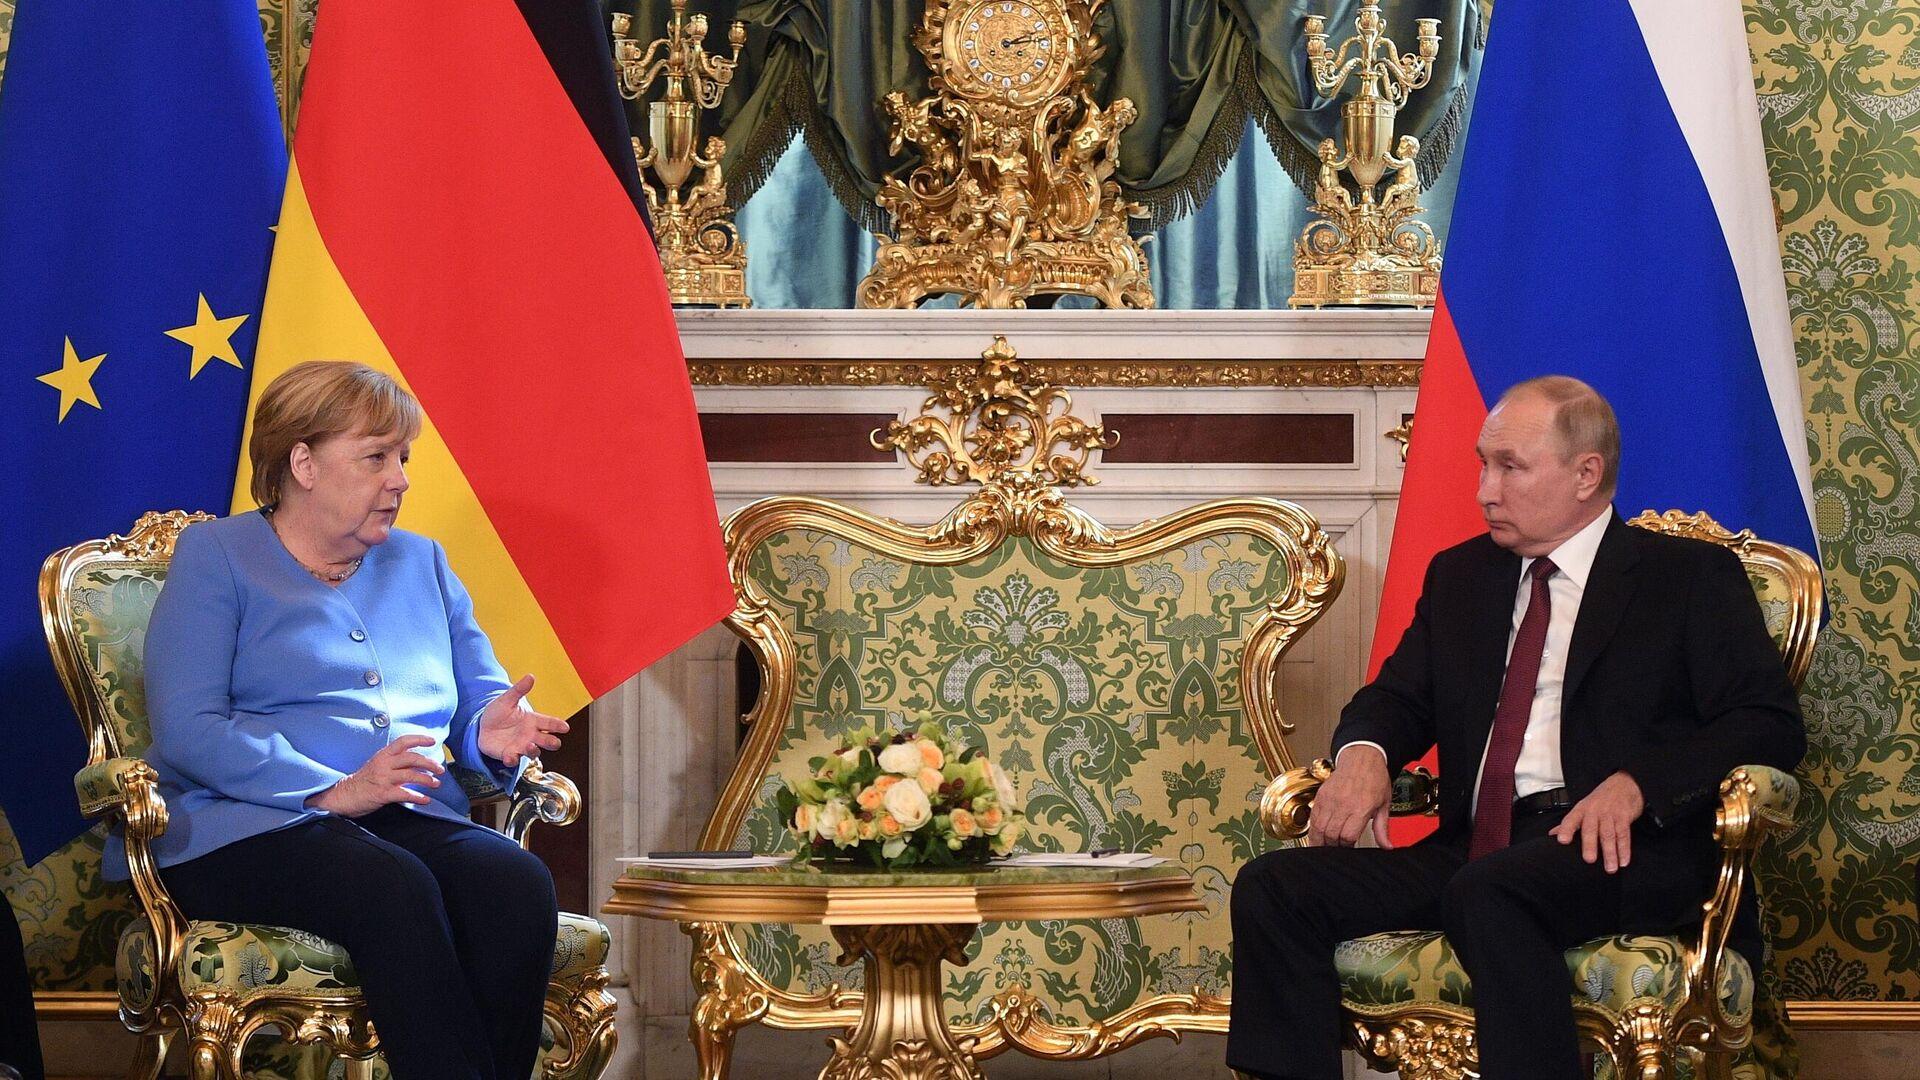 La canciller de Alemania, Angela Merkel, y el presidente de Rusia, Vladímir Putin - Sputnik Mundo, 1920, 20.08.2021